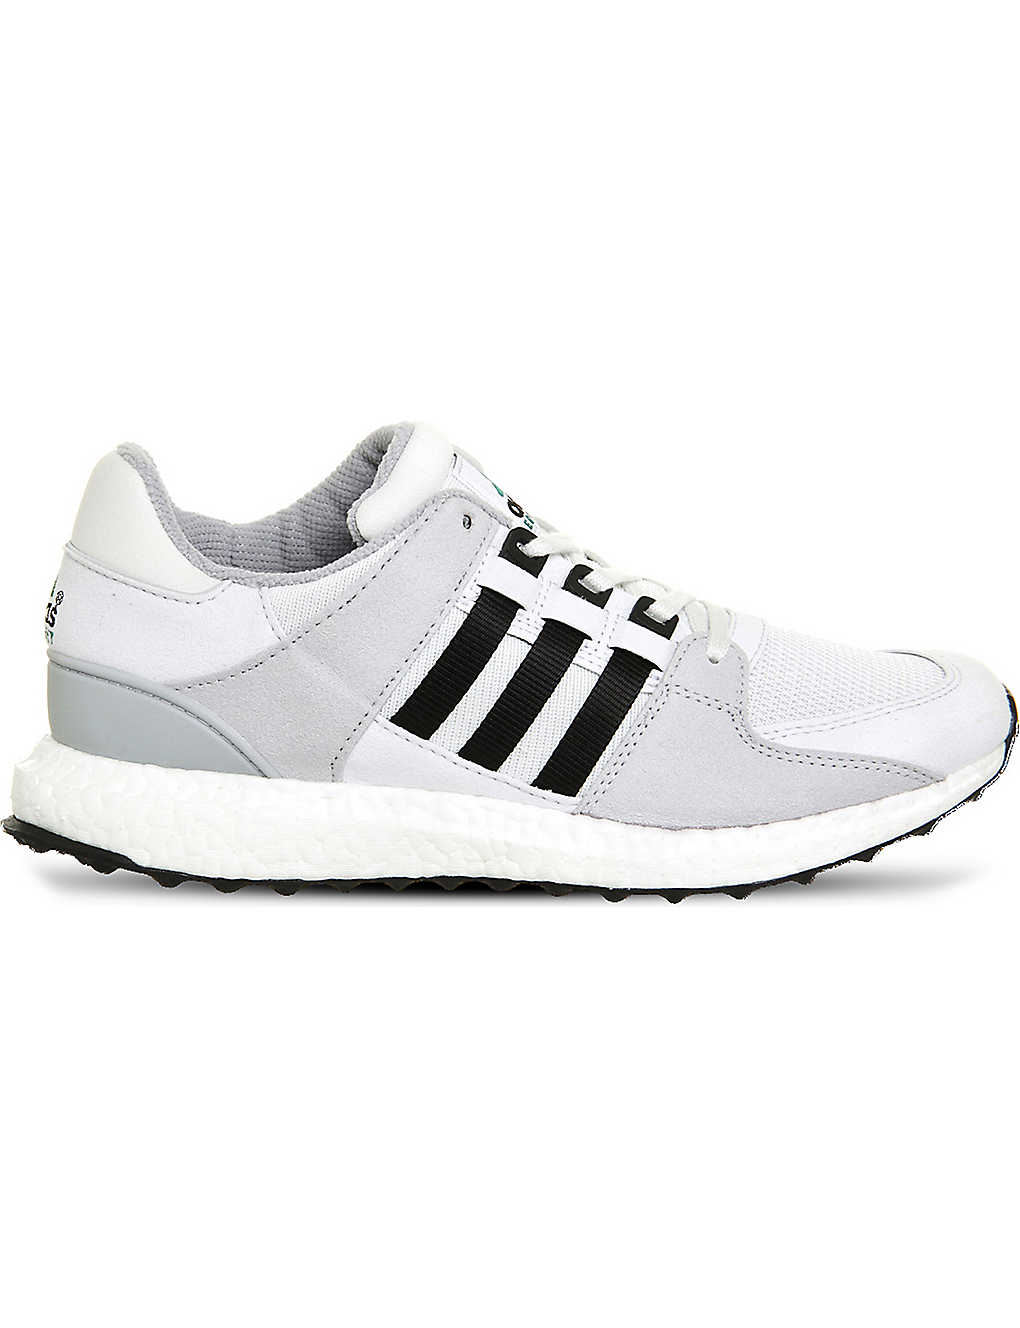 Adidas eqt sostegno 93 / 16 del camoscio e maglie di formatori